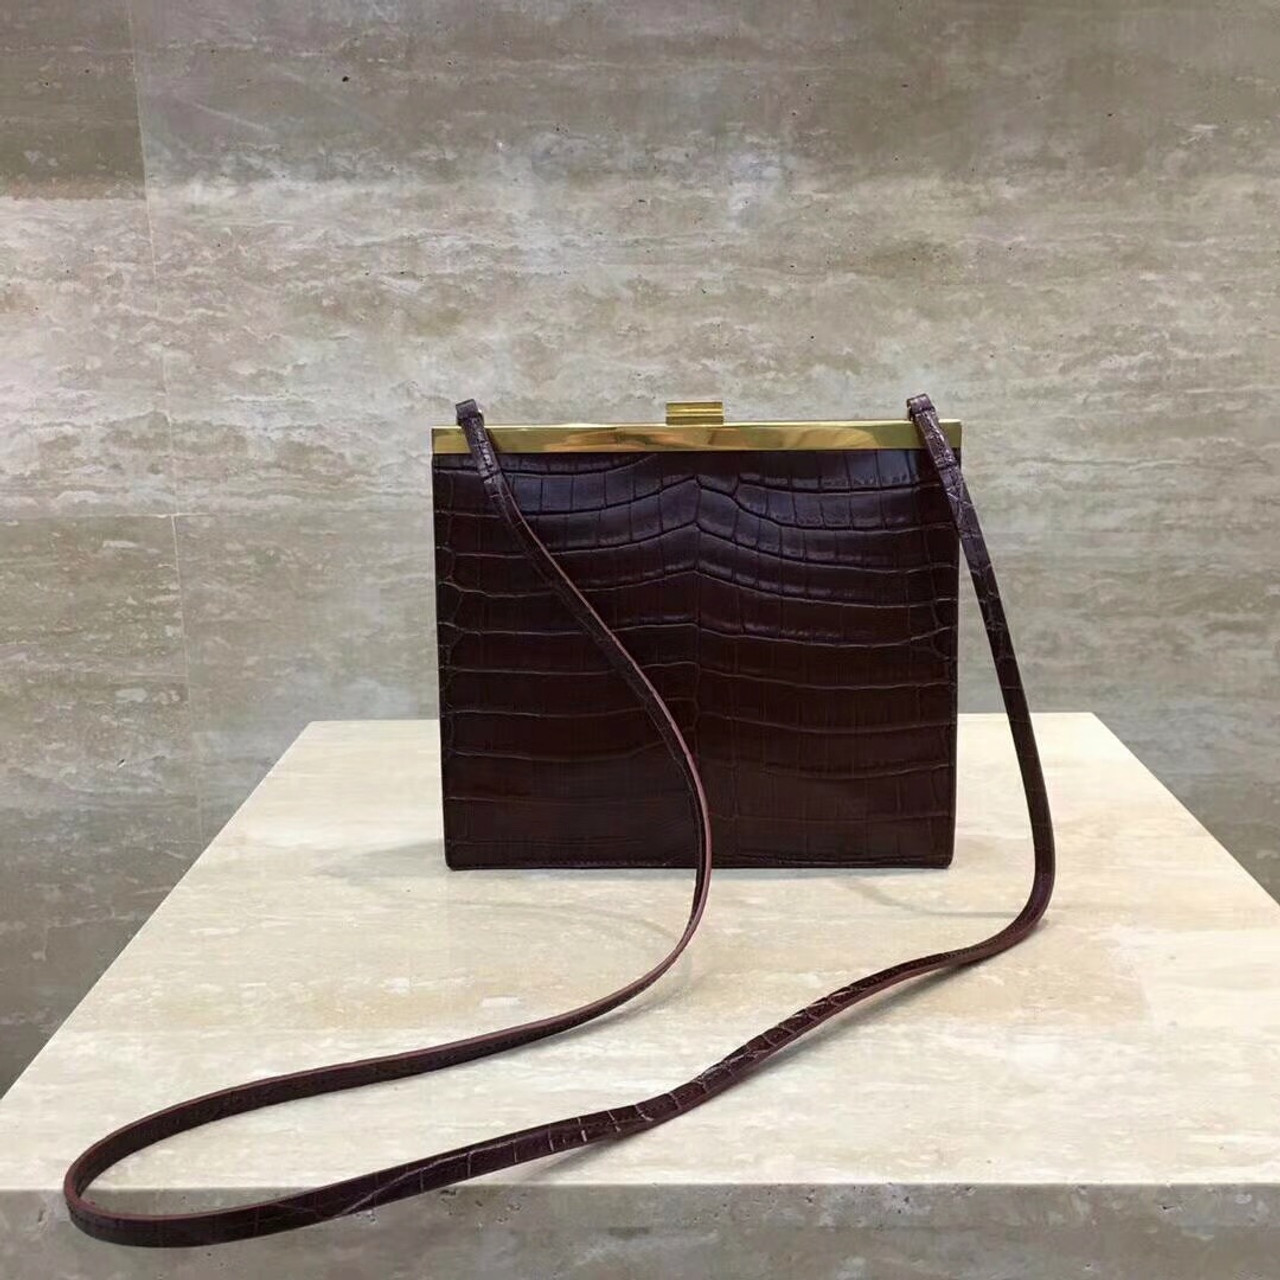 385fc8105b7f Celine MINI CLASP BAG IN CROCODILE BORDEAUX - Bella Vita Moda